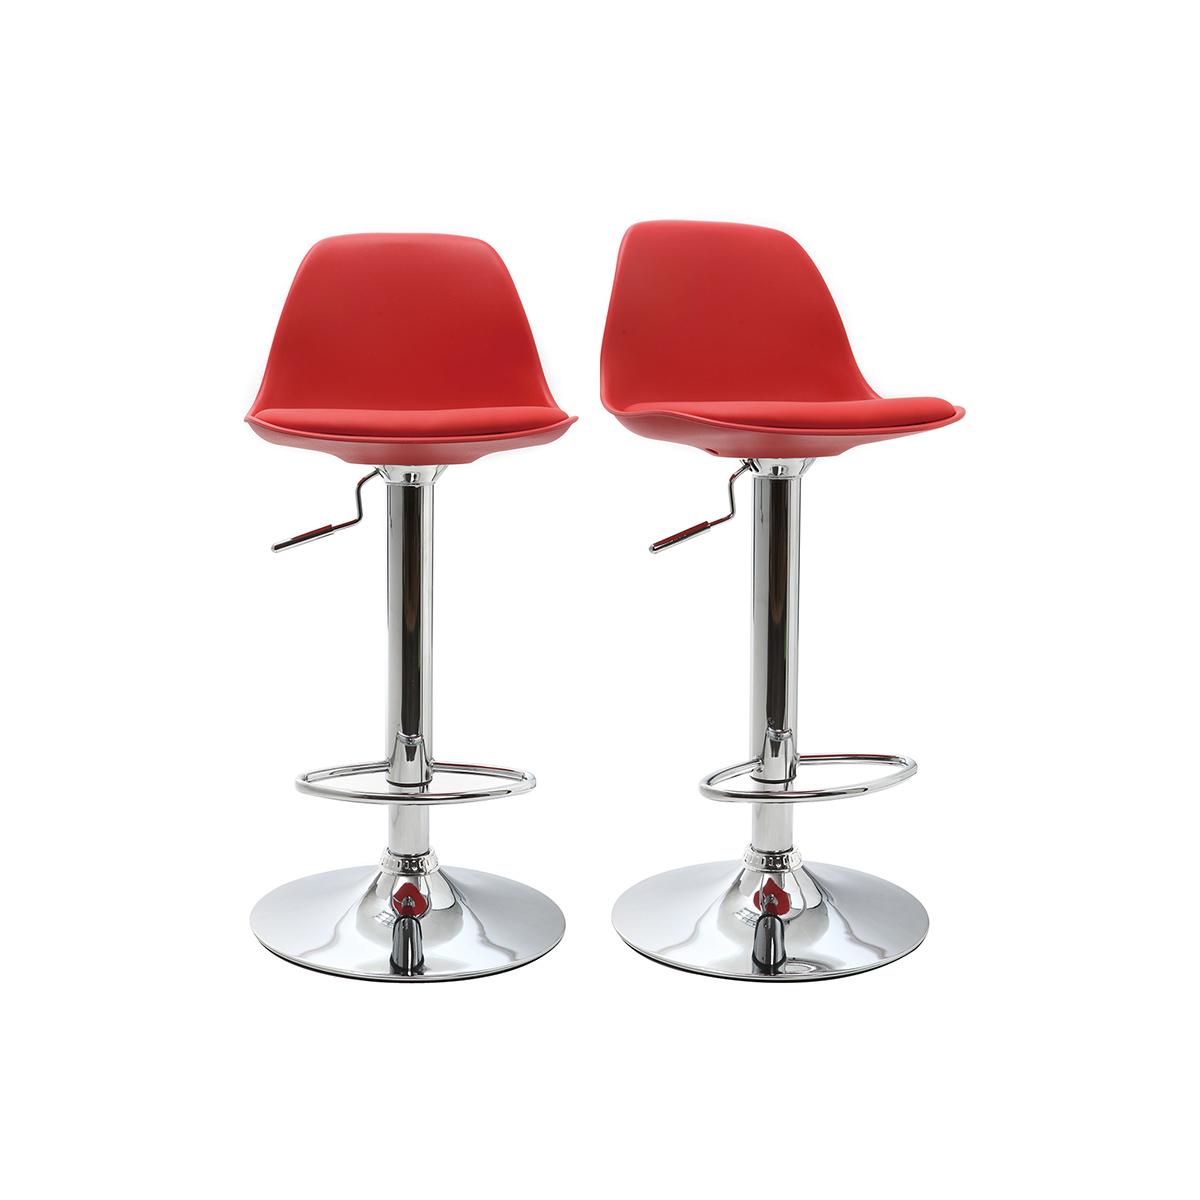 Lote de 2 taburetes de bar diseño rojos STEEVY